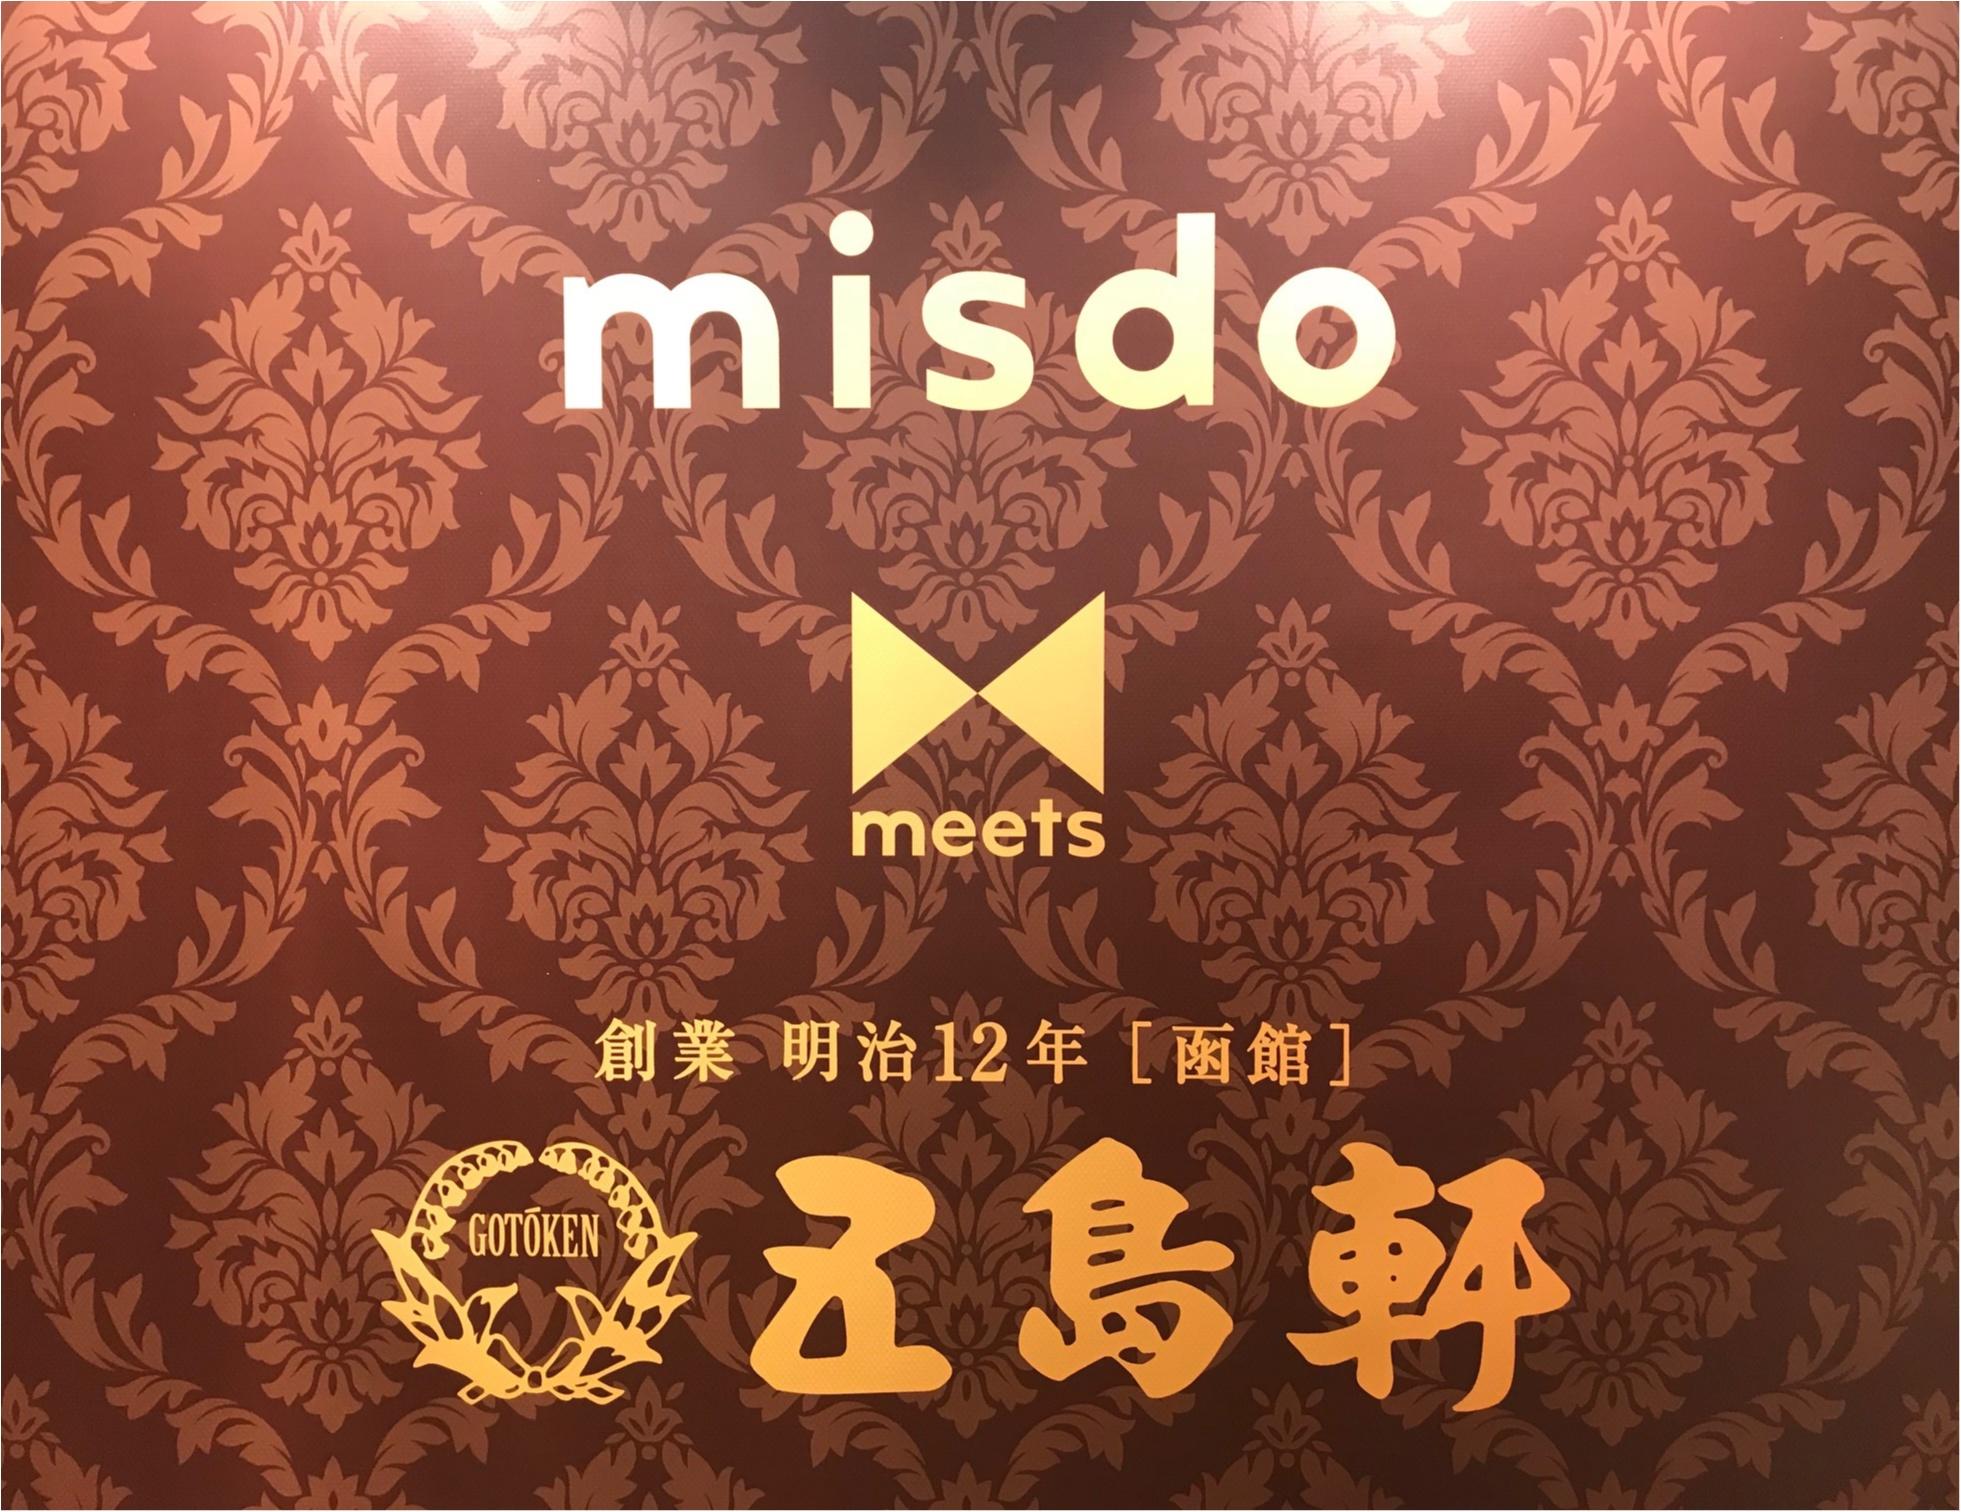 ミスドと函館の人気レストラン『五島軒』がコラボ! 「老舗洋食プレミアムパイ」が最高♡_1